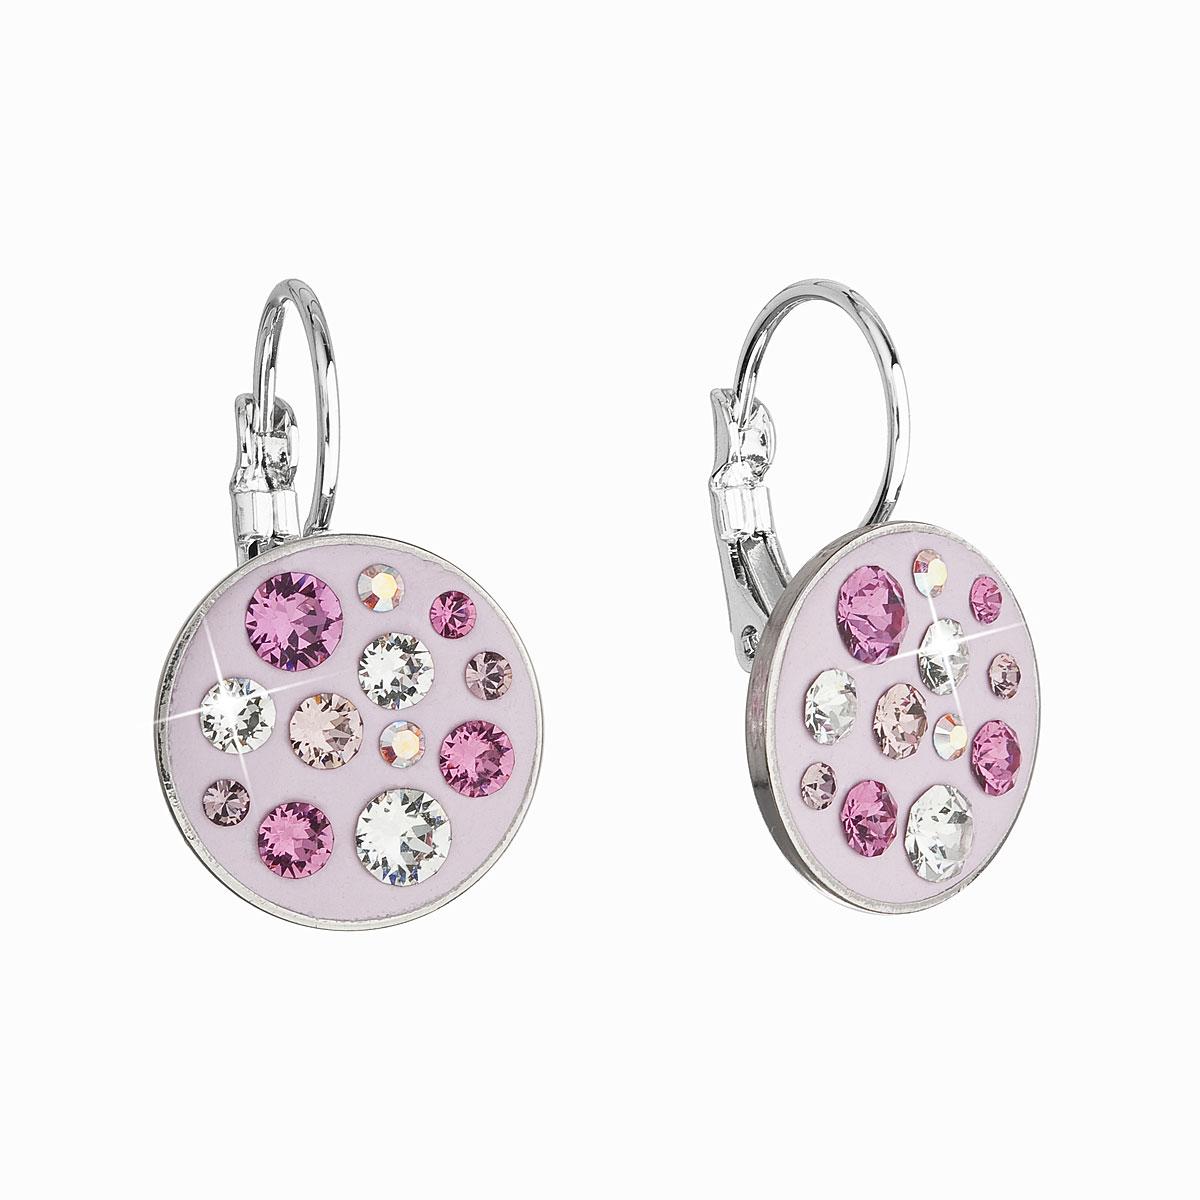 Náušnice bižuterie se Swarovski krystaly růžové kulaté 51038.3